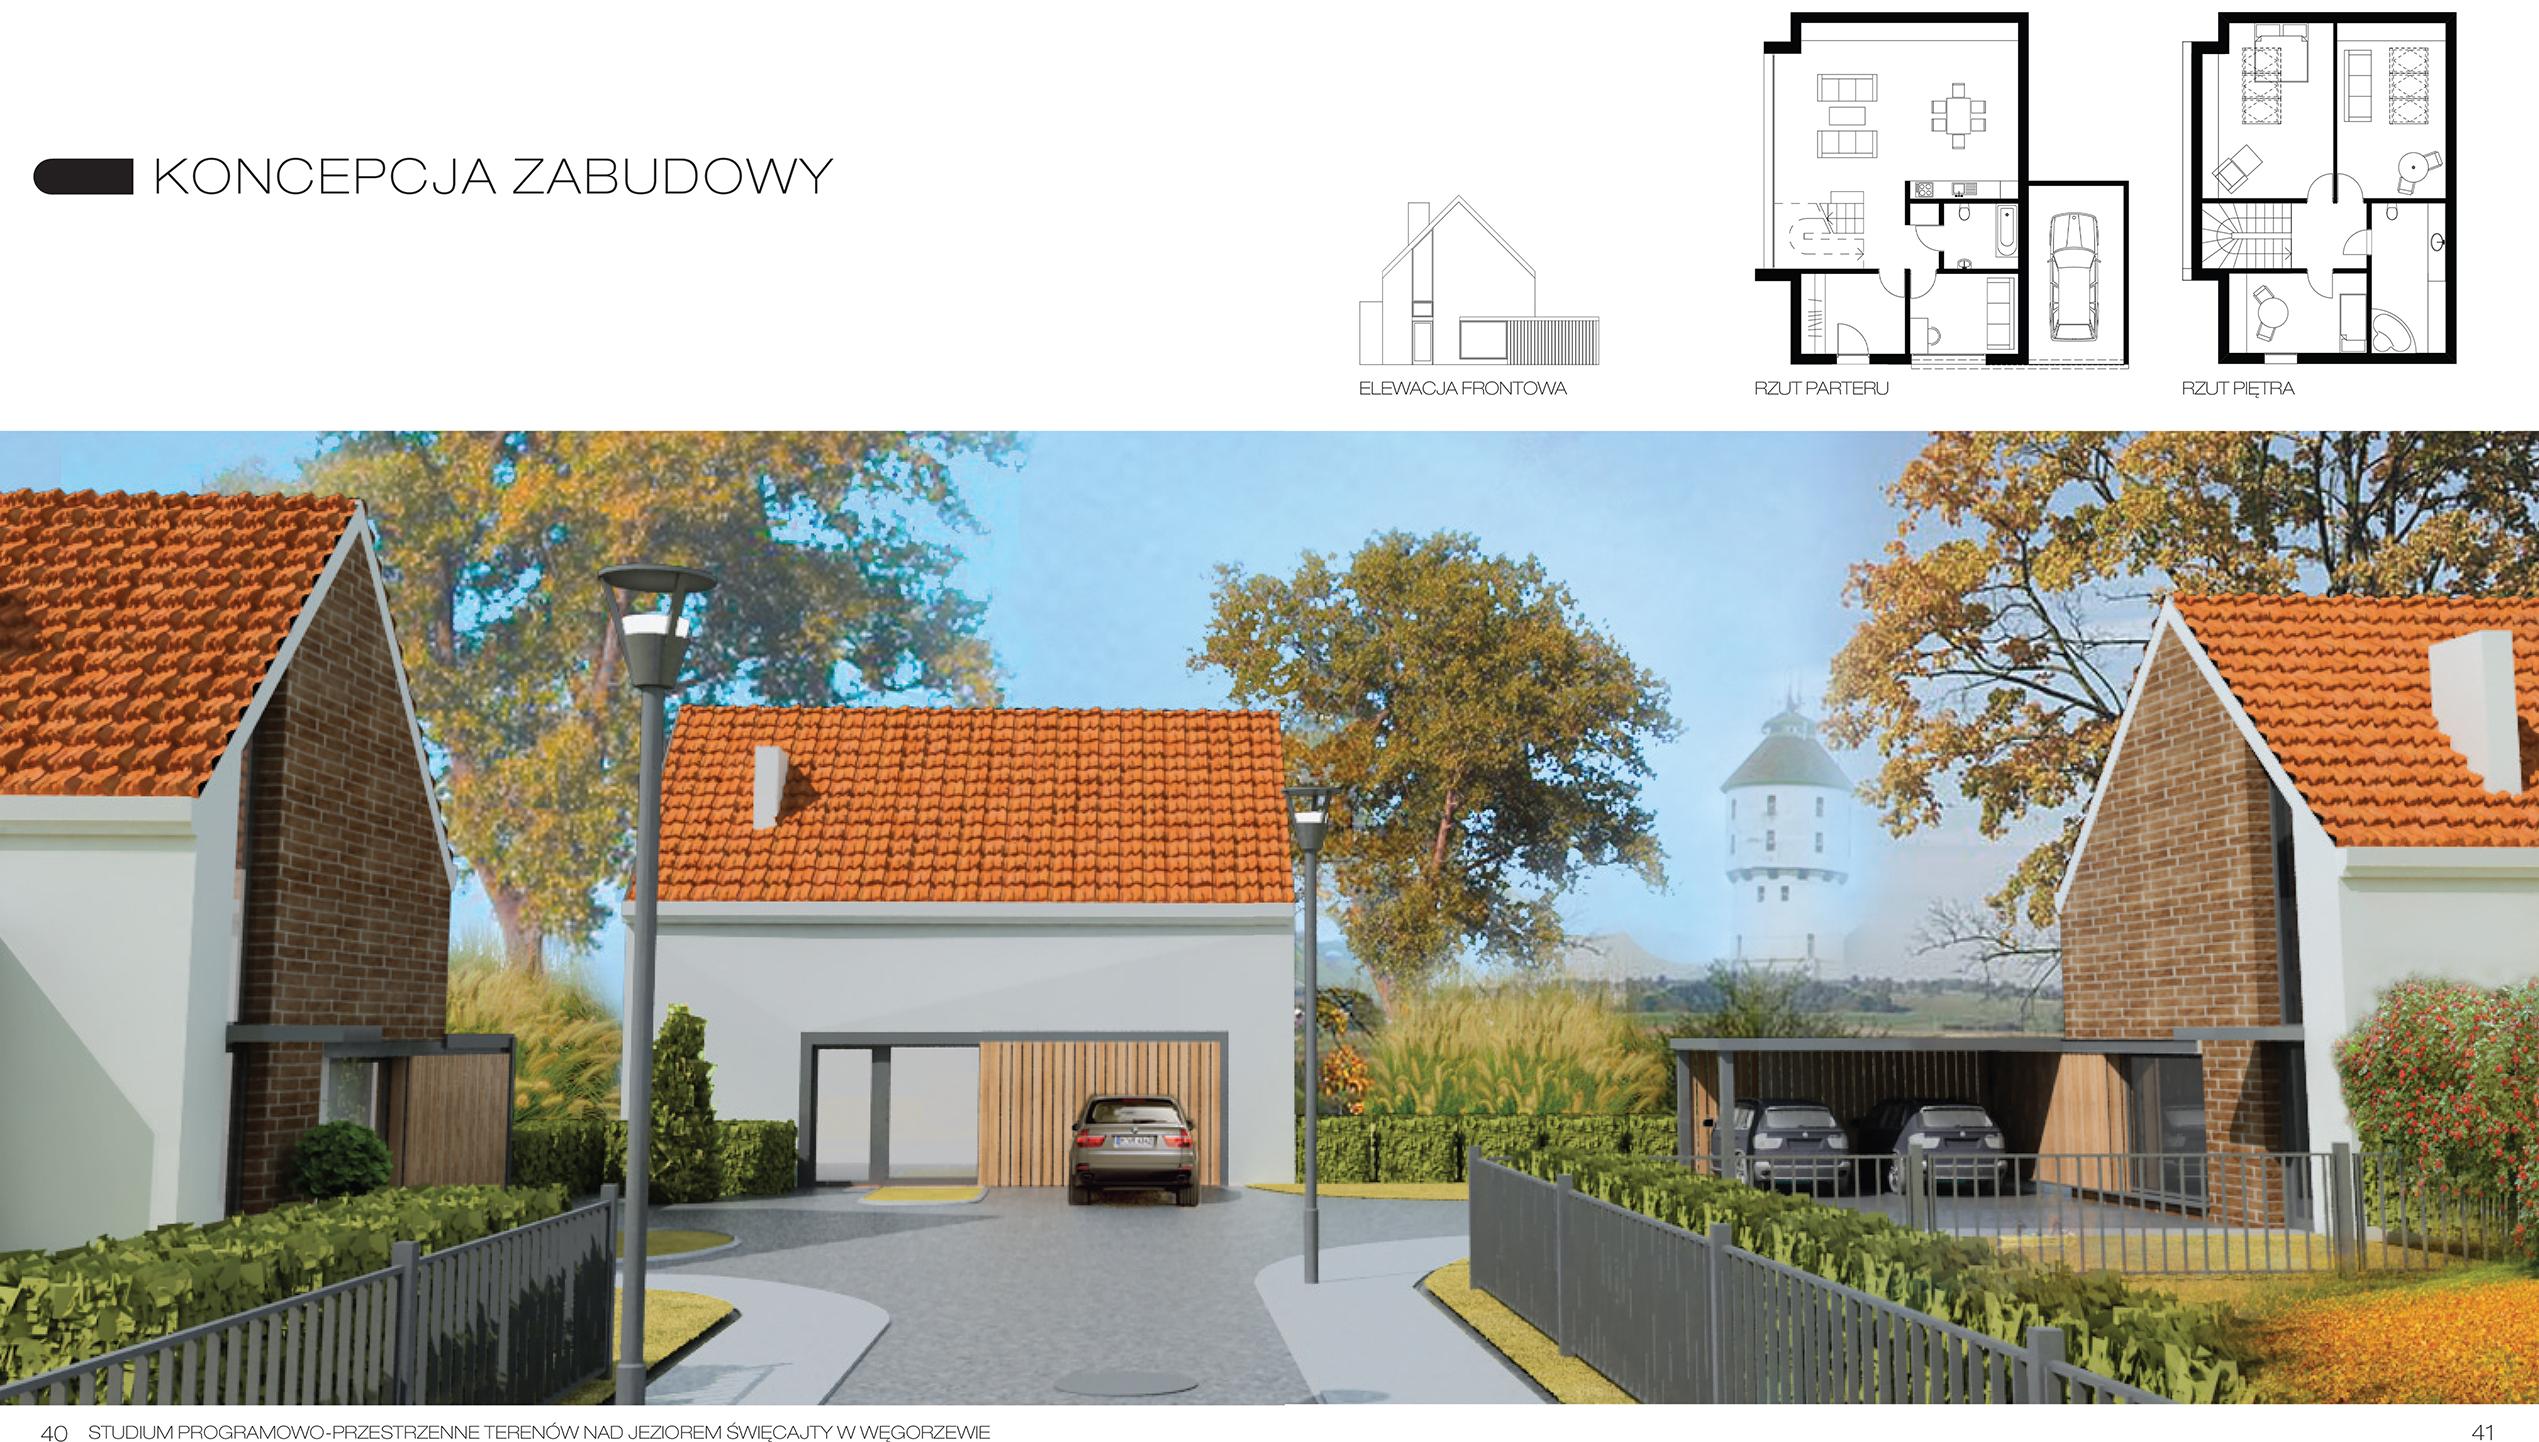 WEGORZEWO sis architekci architektura urbanistyka projektowanie architekt poznań dom domy energooszczedne pasywne 3